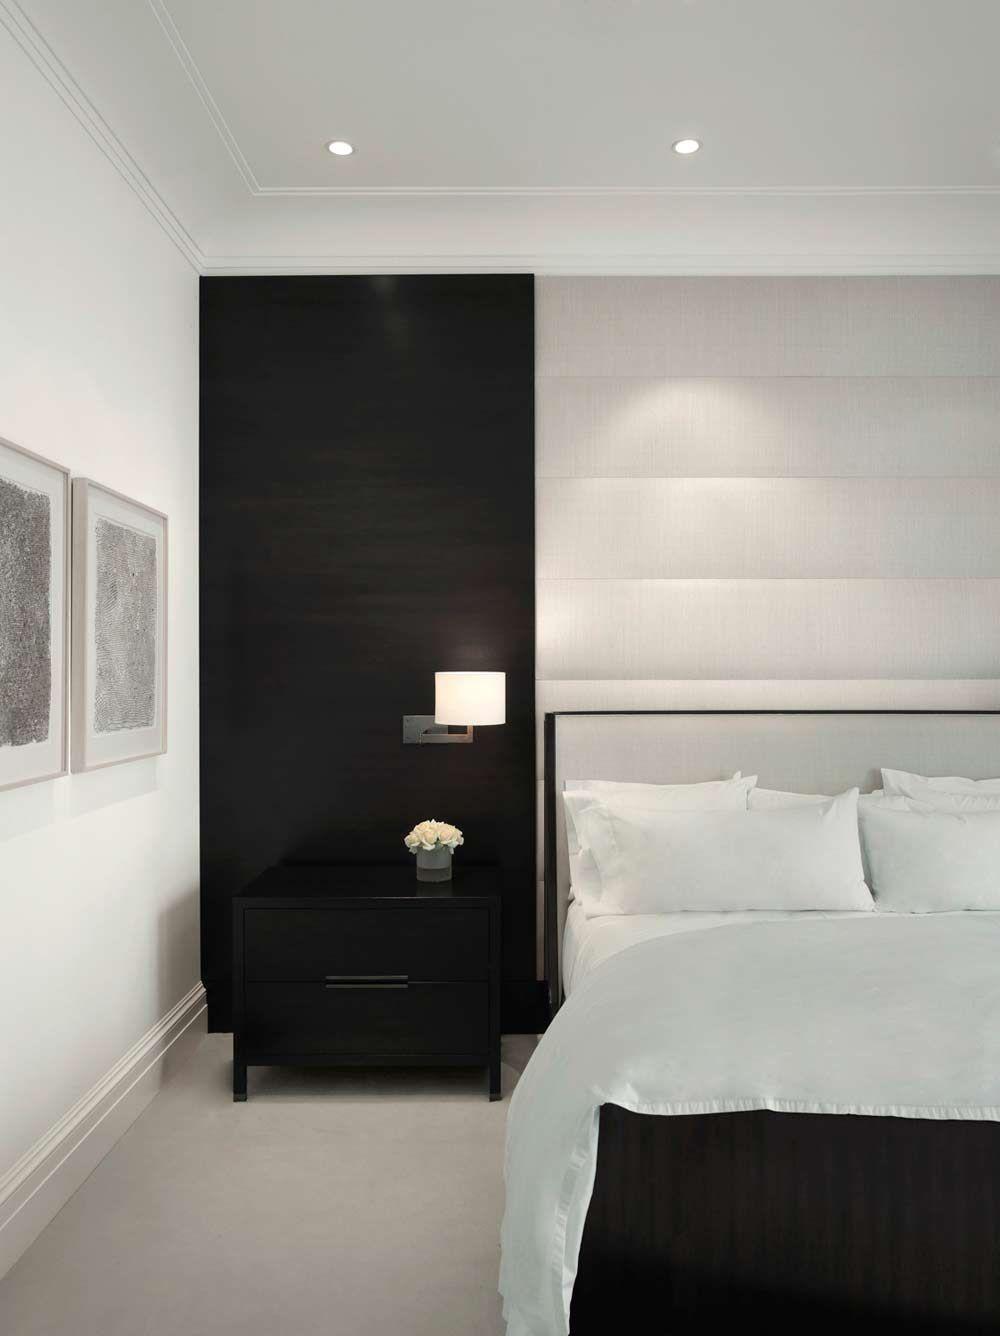 Schlafzimmer Rückwand   Schlafzimmer Ruckwand Gepolstert Naz Bedrooms Pinterest